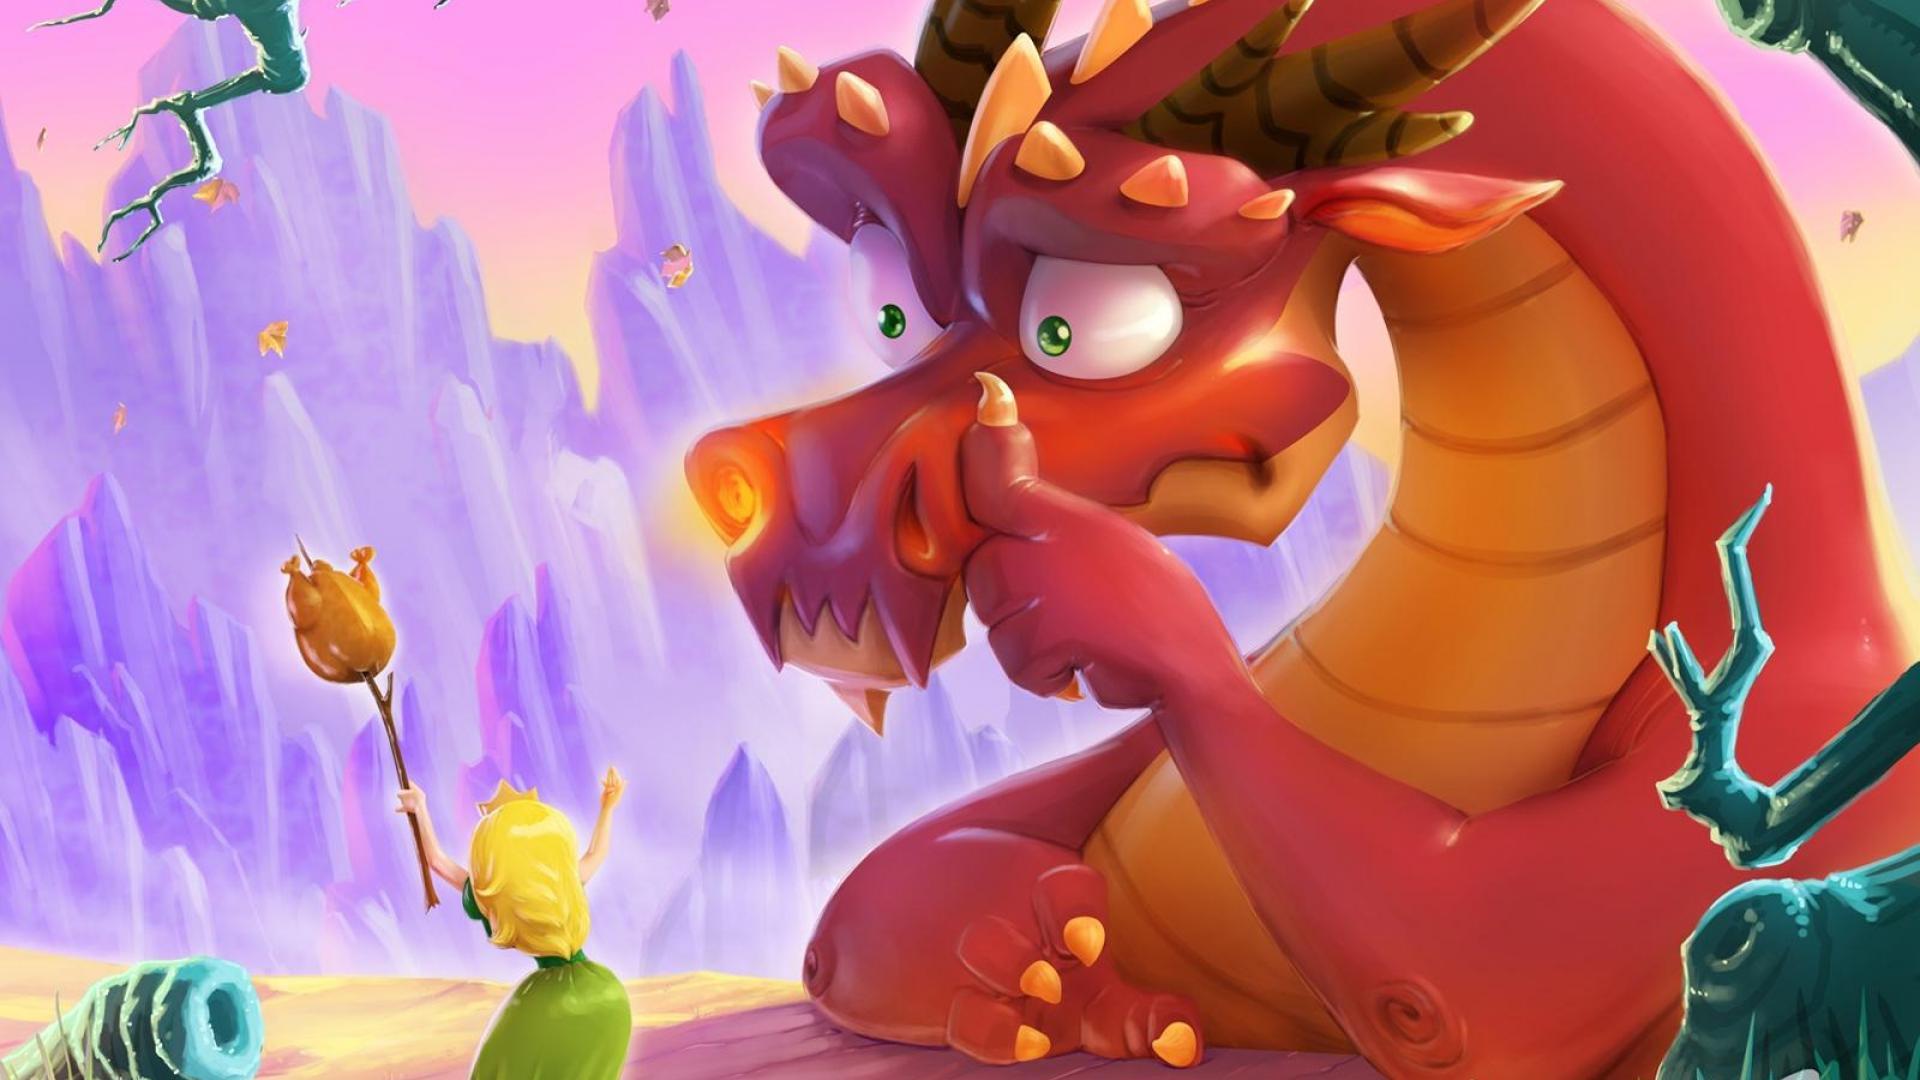 Angry dragon girl pics sex pics